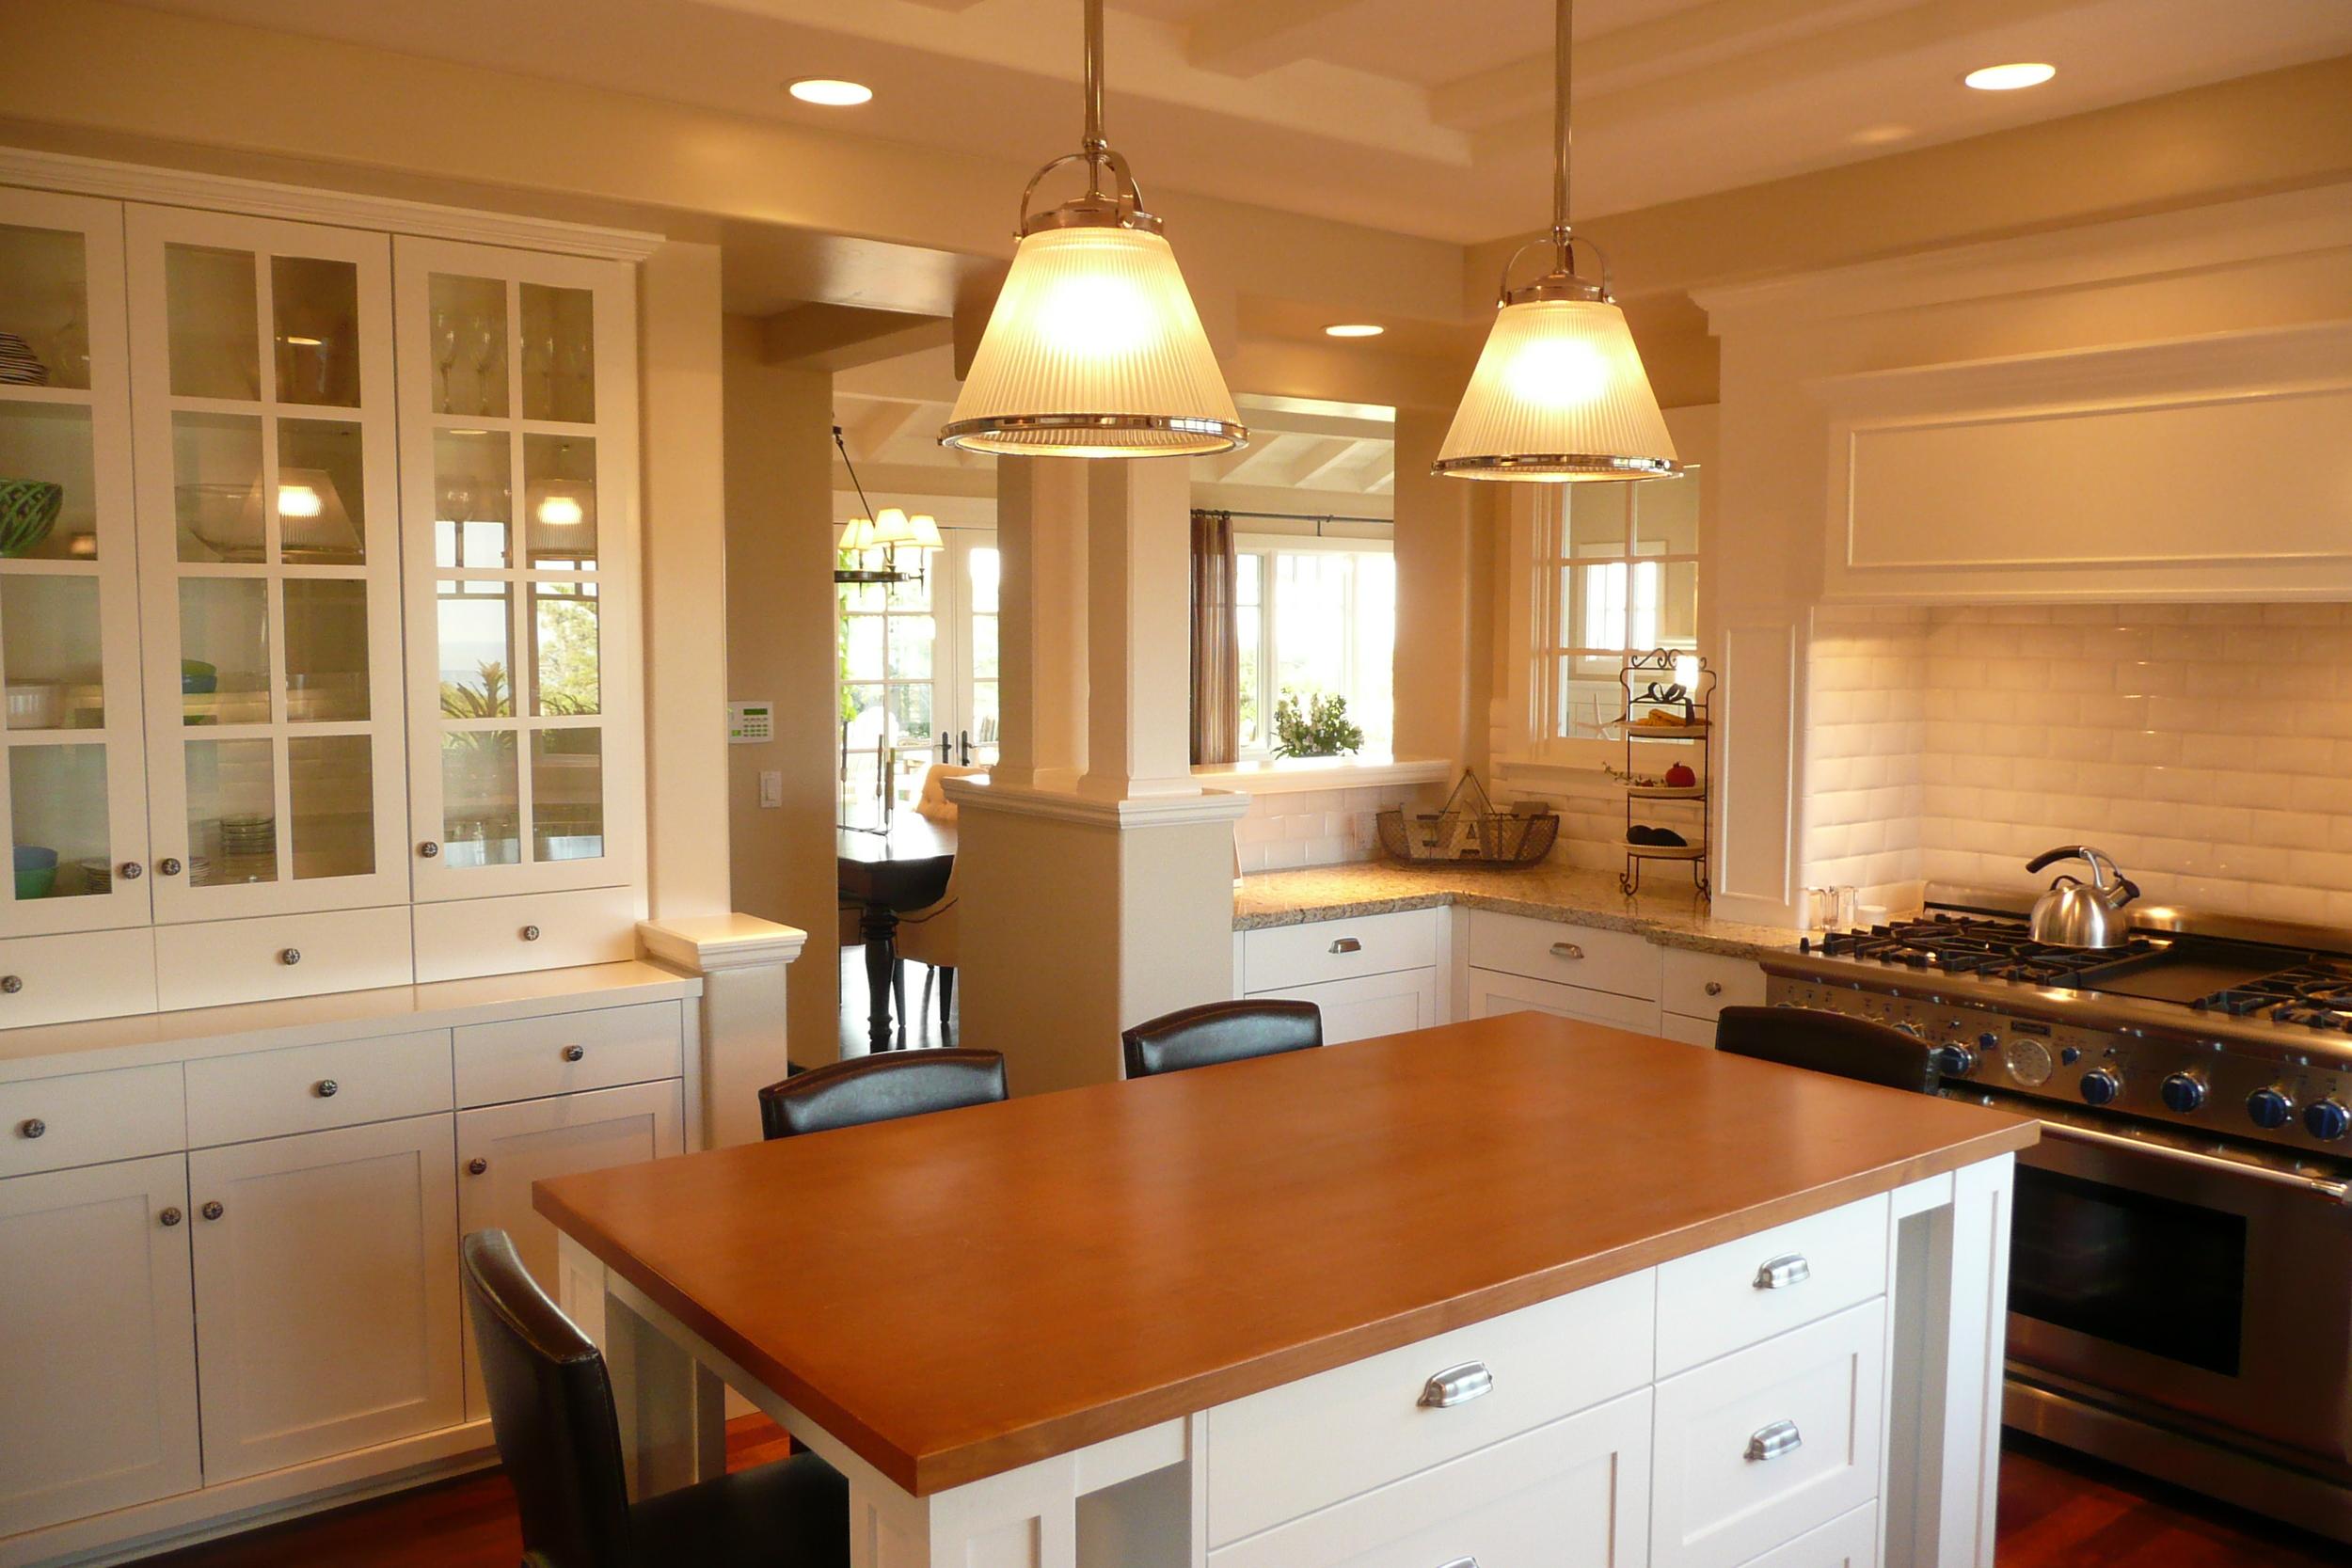 10-351 Kitchen 1.JPG